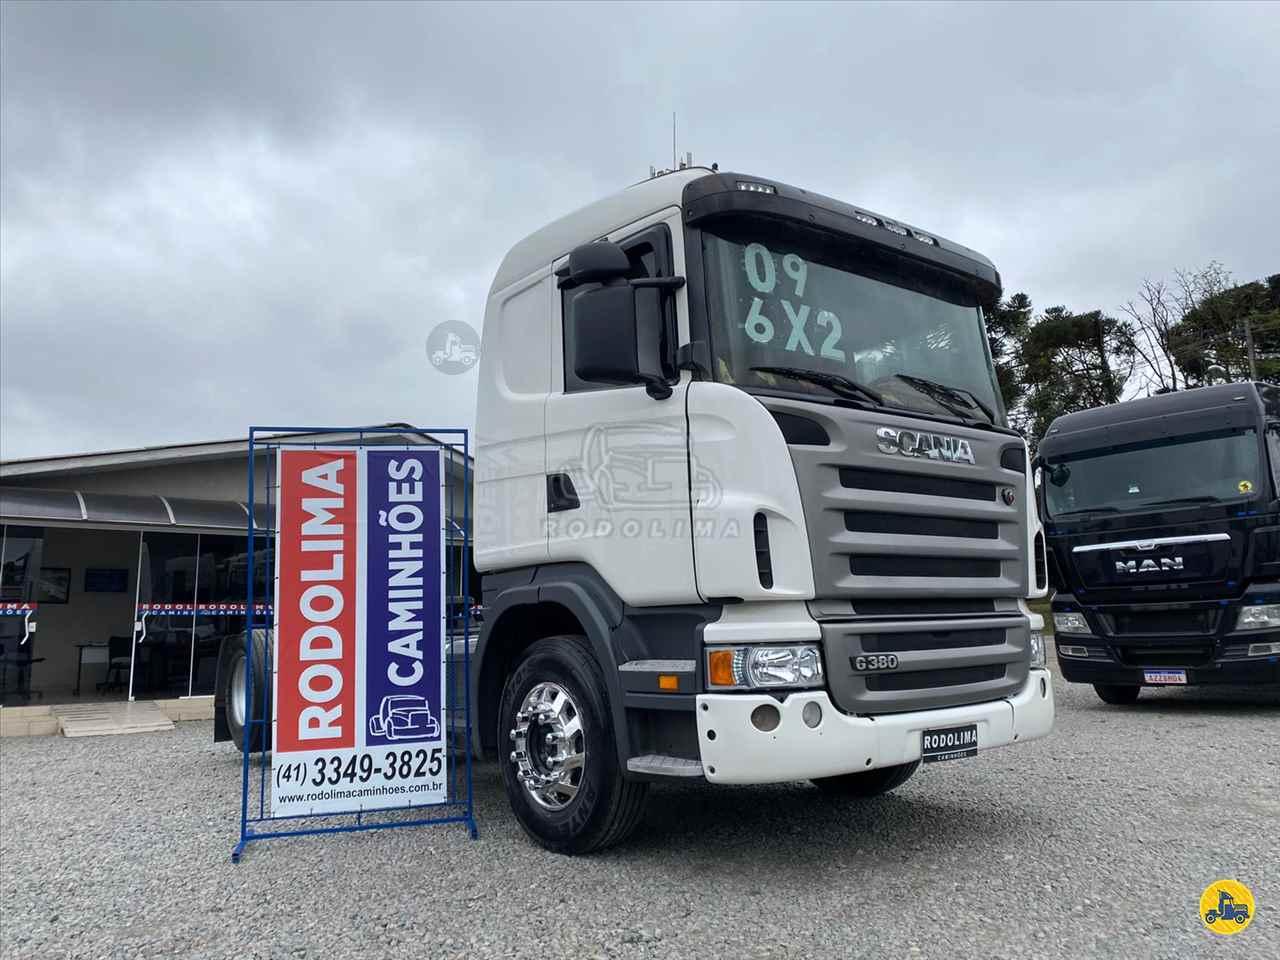 CAMINHAO SCANIA SCANIA 380 Chassis Truck 6x2 Rodolima Caminhões CURITIBA PARANÁ PR